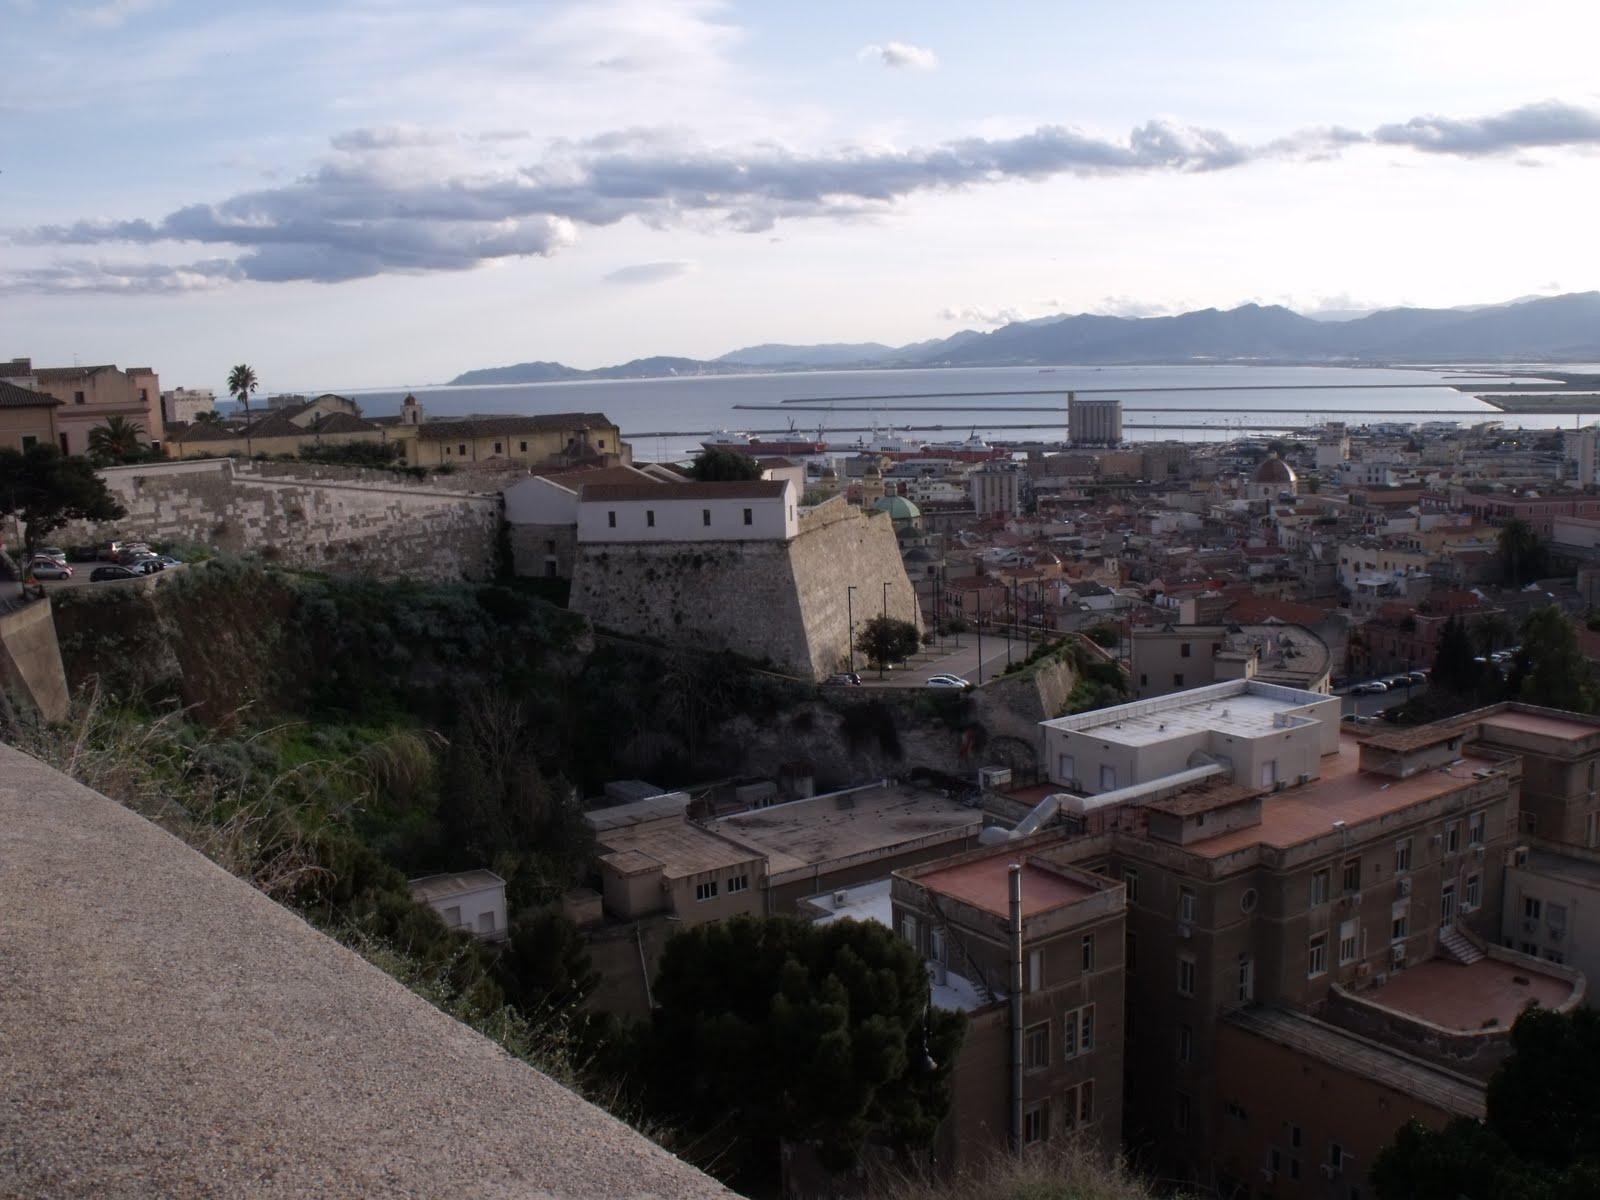 cagliari bastione di santa croce italy - photo#44